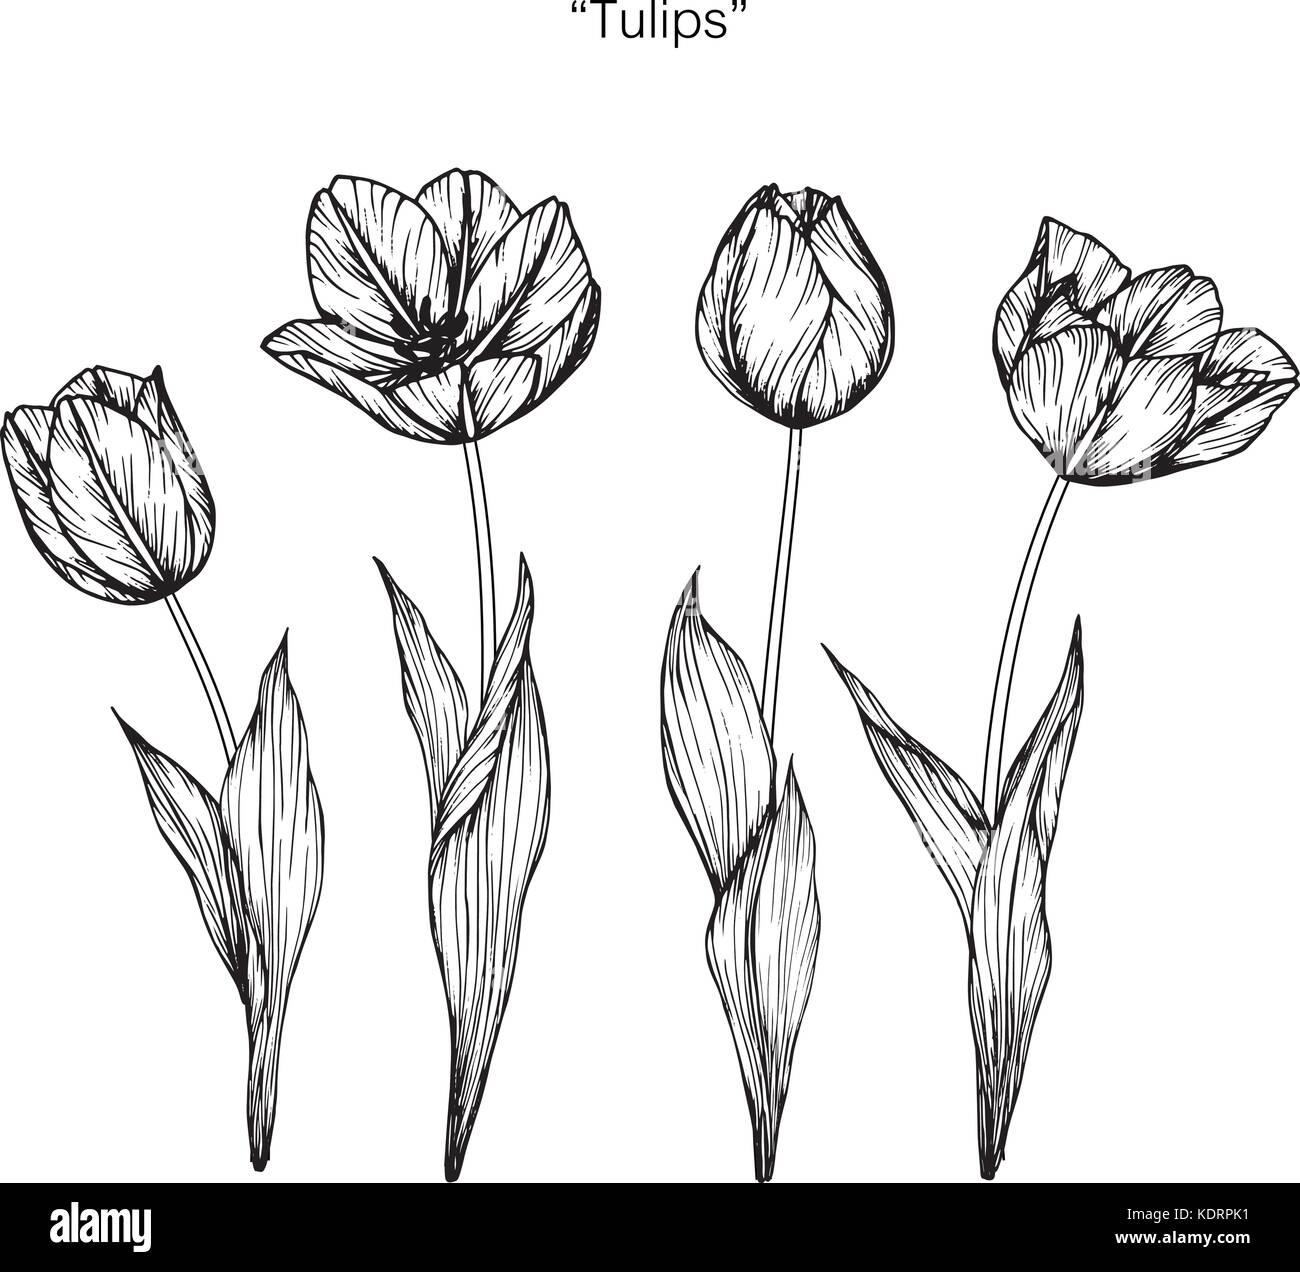 Dessin De Fleurs Tulipes Illustration Noir Et Blanc Avec